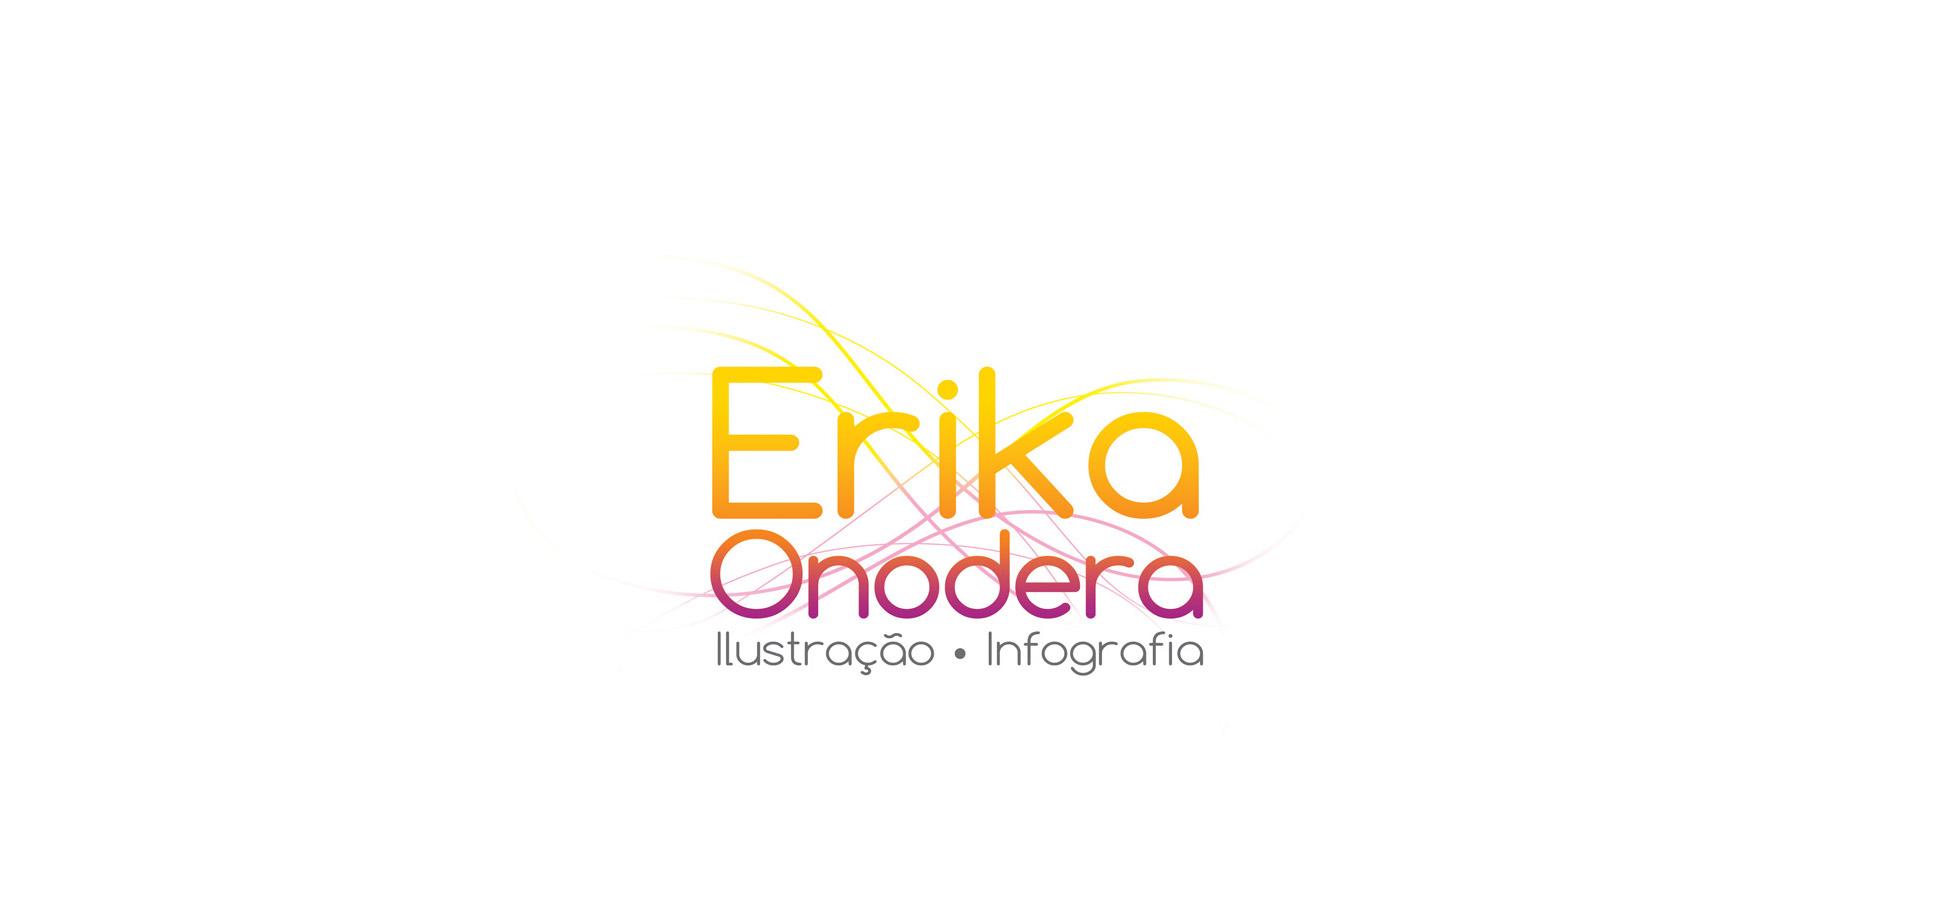 ERIKA ONODERA's Signature